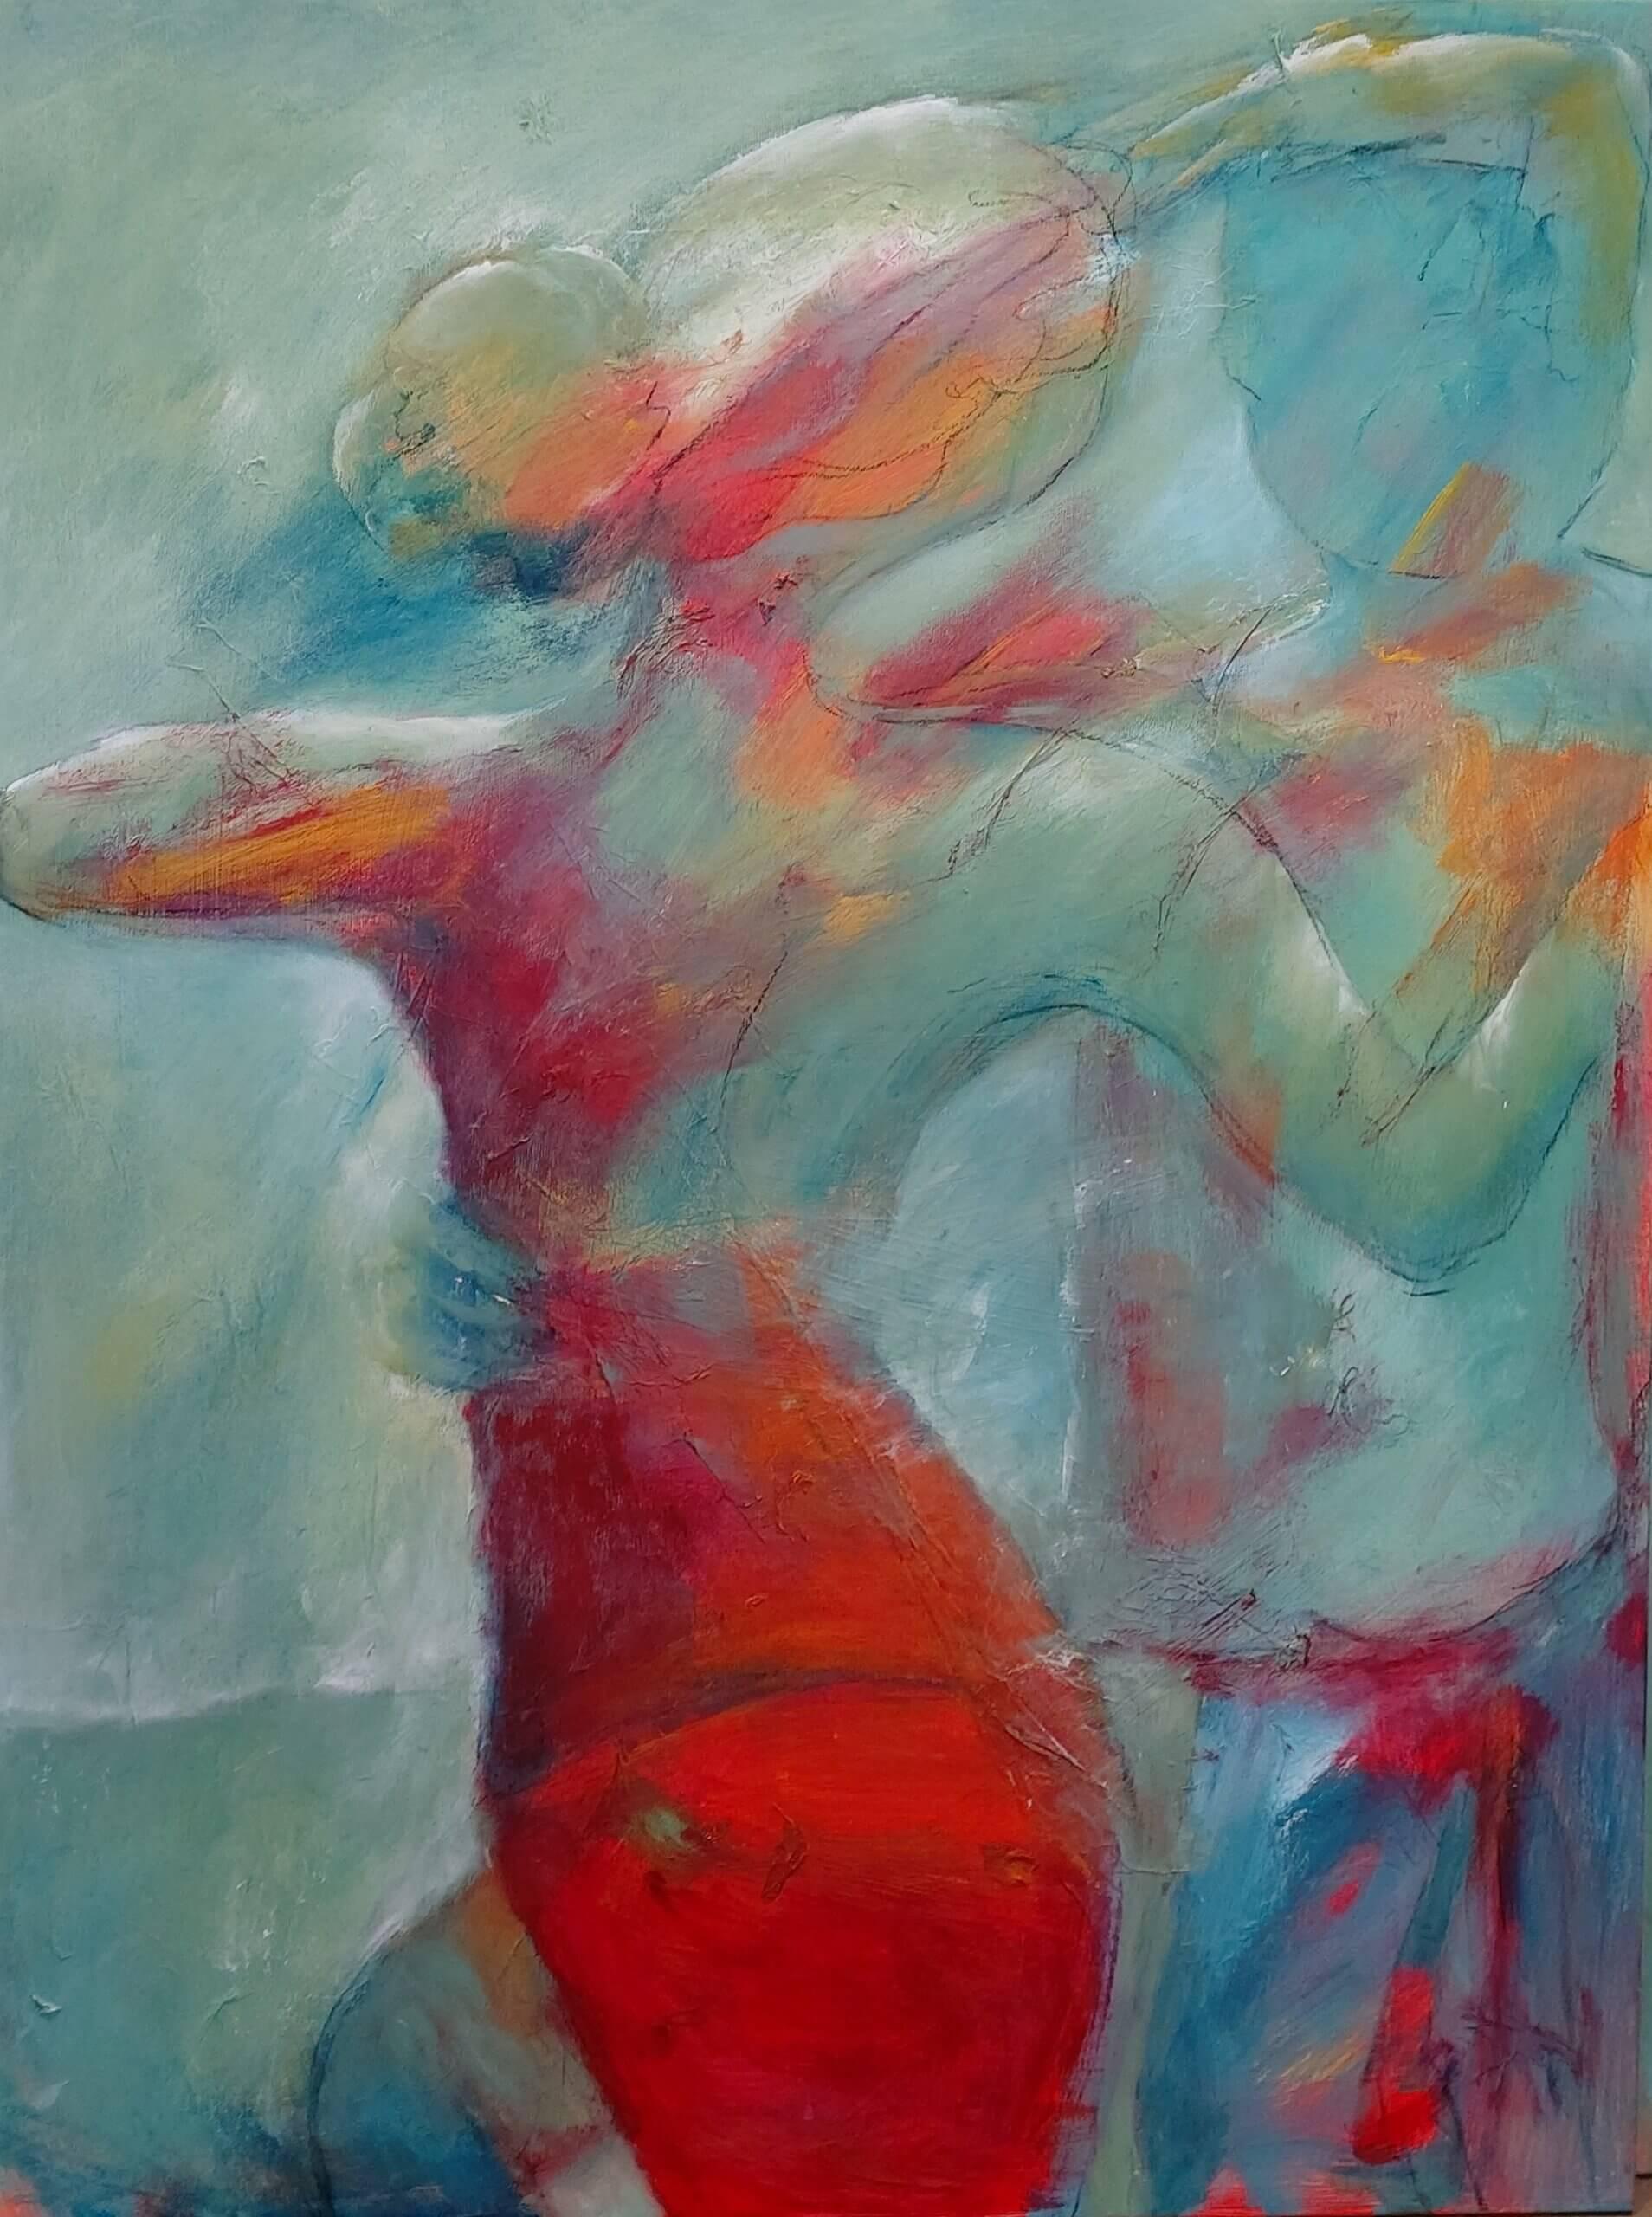 sving om - rød kjole maleri i Gunhilds Galleri som kan ses i kunst i pinsen